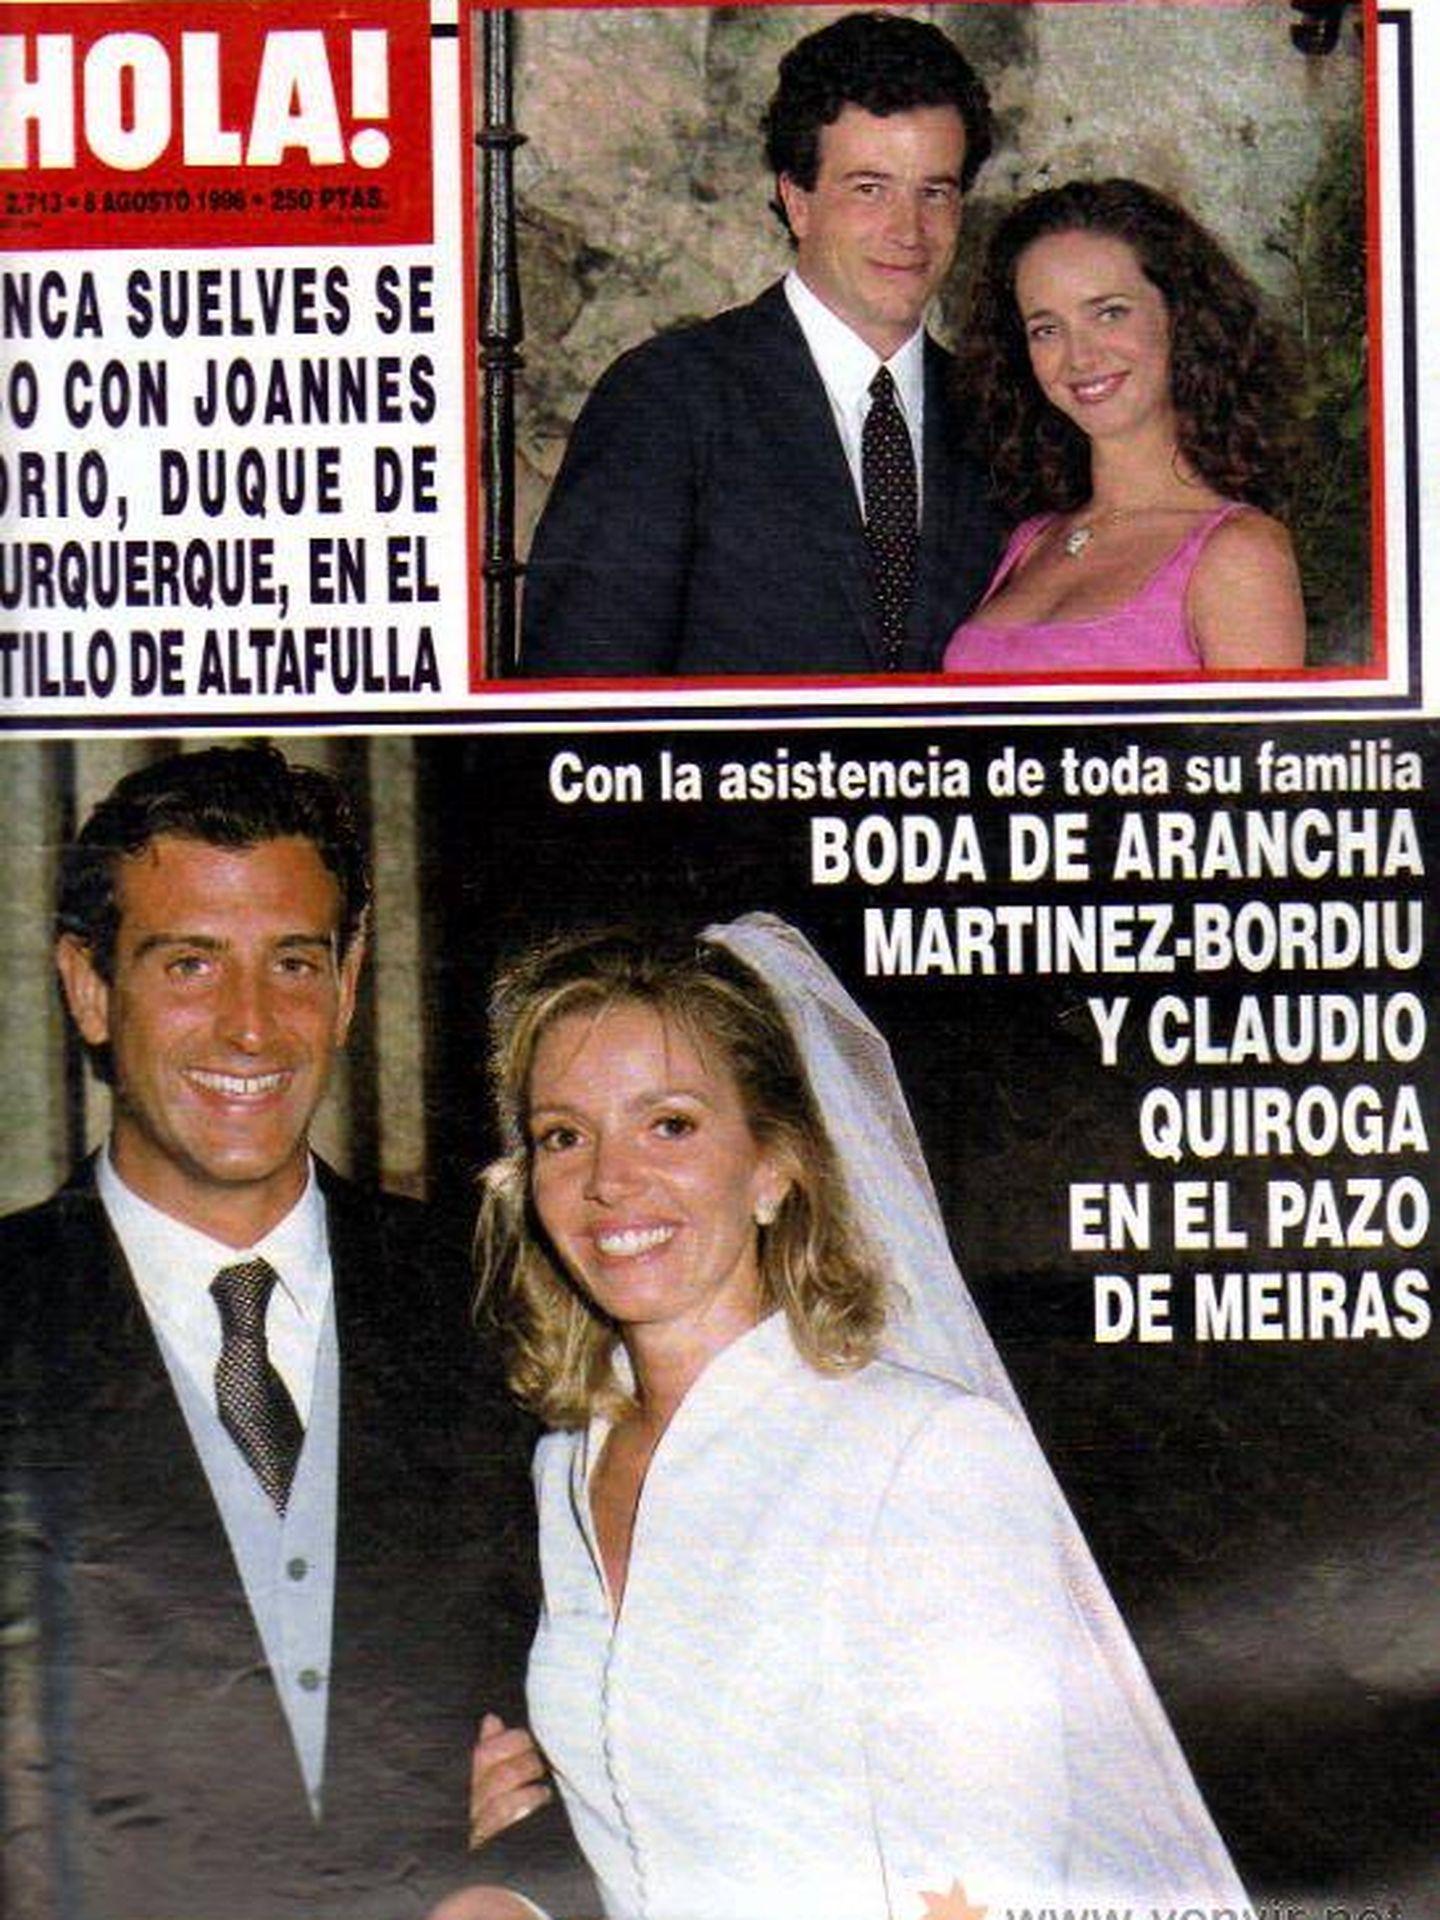 La boda de Arantxa Martínez Bordiú, portada en 'Hola'